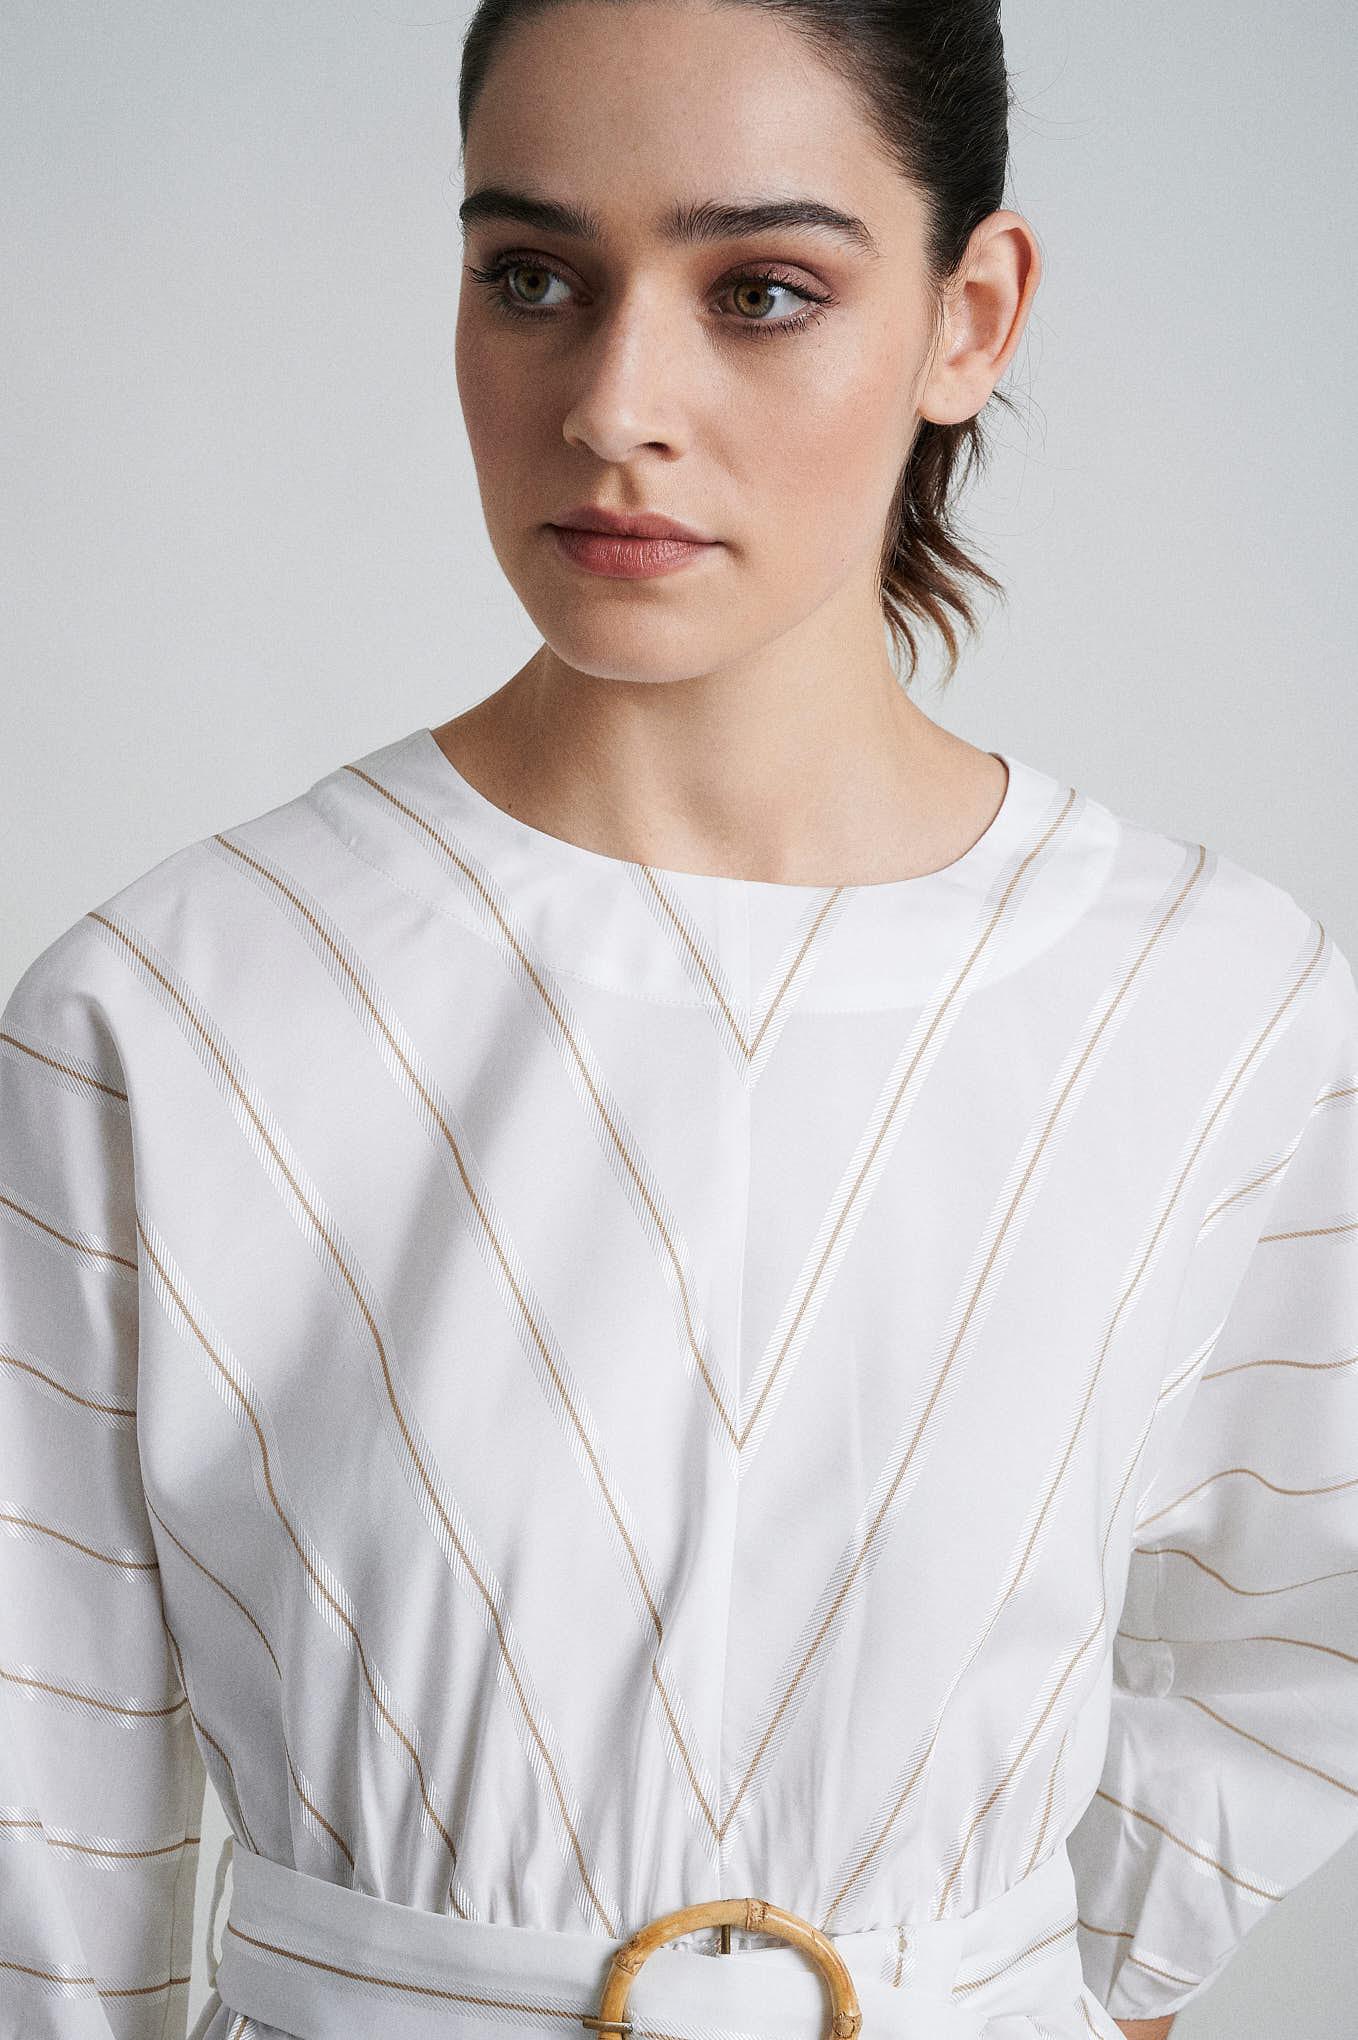 Blouse Stripes Fantasy Woman